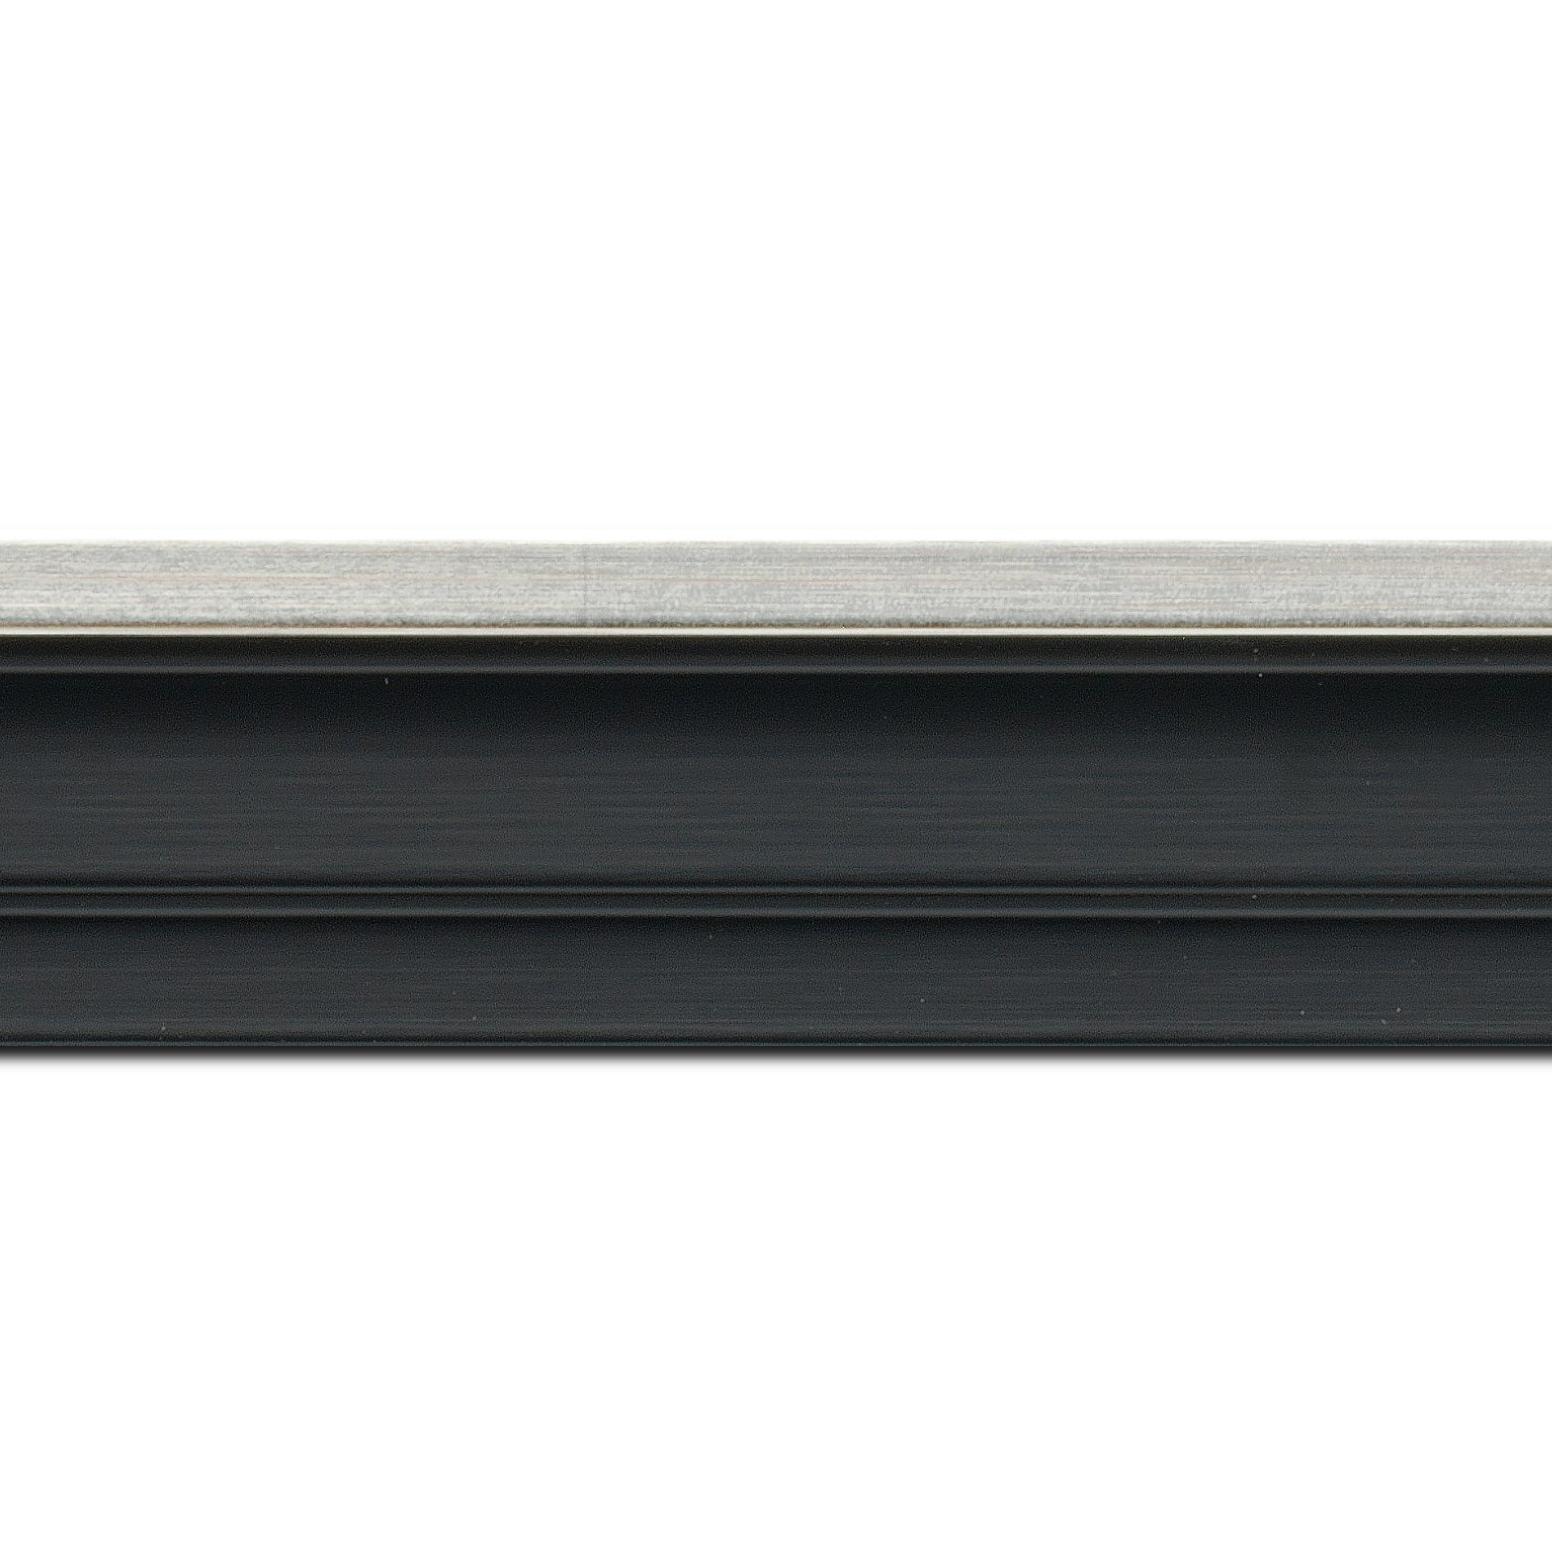 Pack par 12m, bois caisse américaine profil escalier largeur 4.4cm noir mat  filet argent (spécialement conçu pour les châssis d'une épaisseur jusqu'à 2.5cm )(longueur baguette pouvant varier entre 2.40m et 3m selon arrivage des bois)